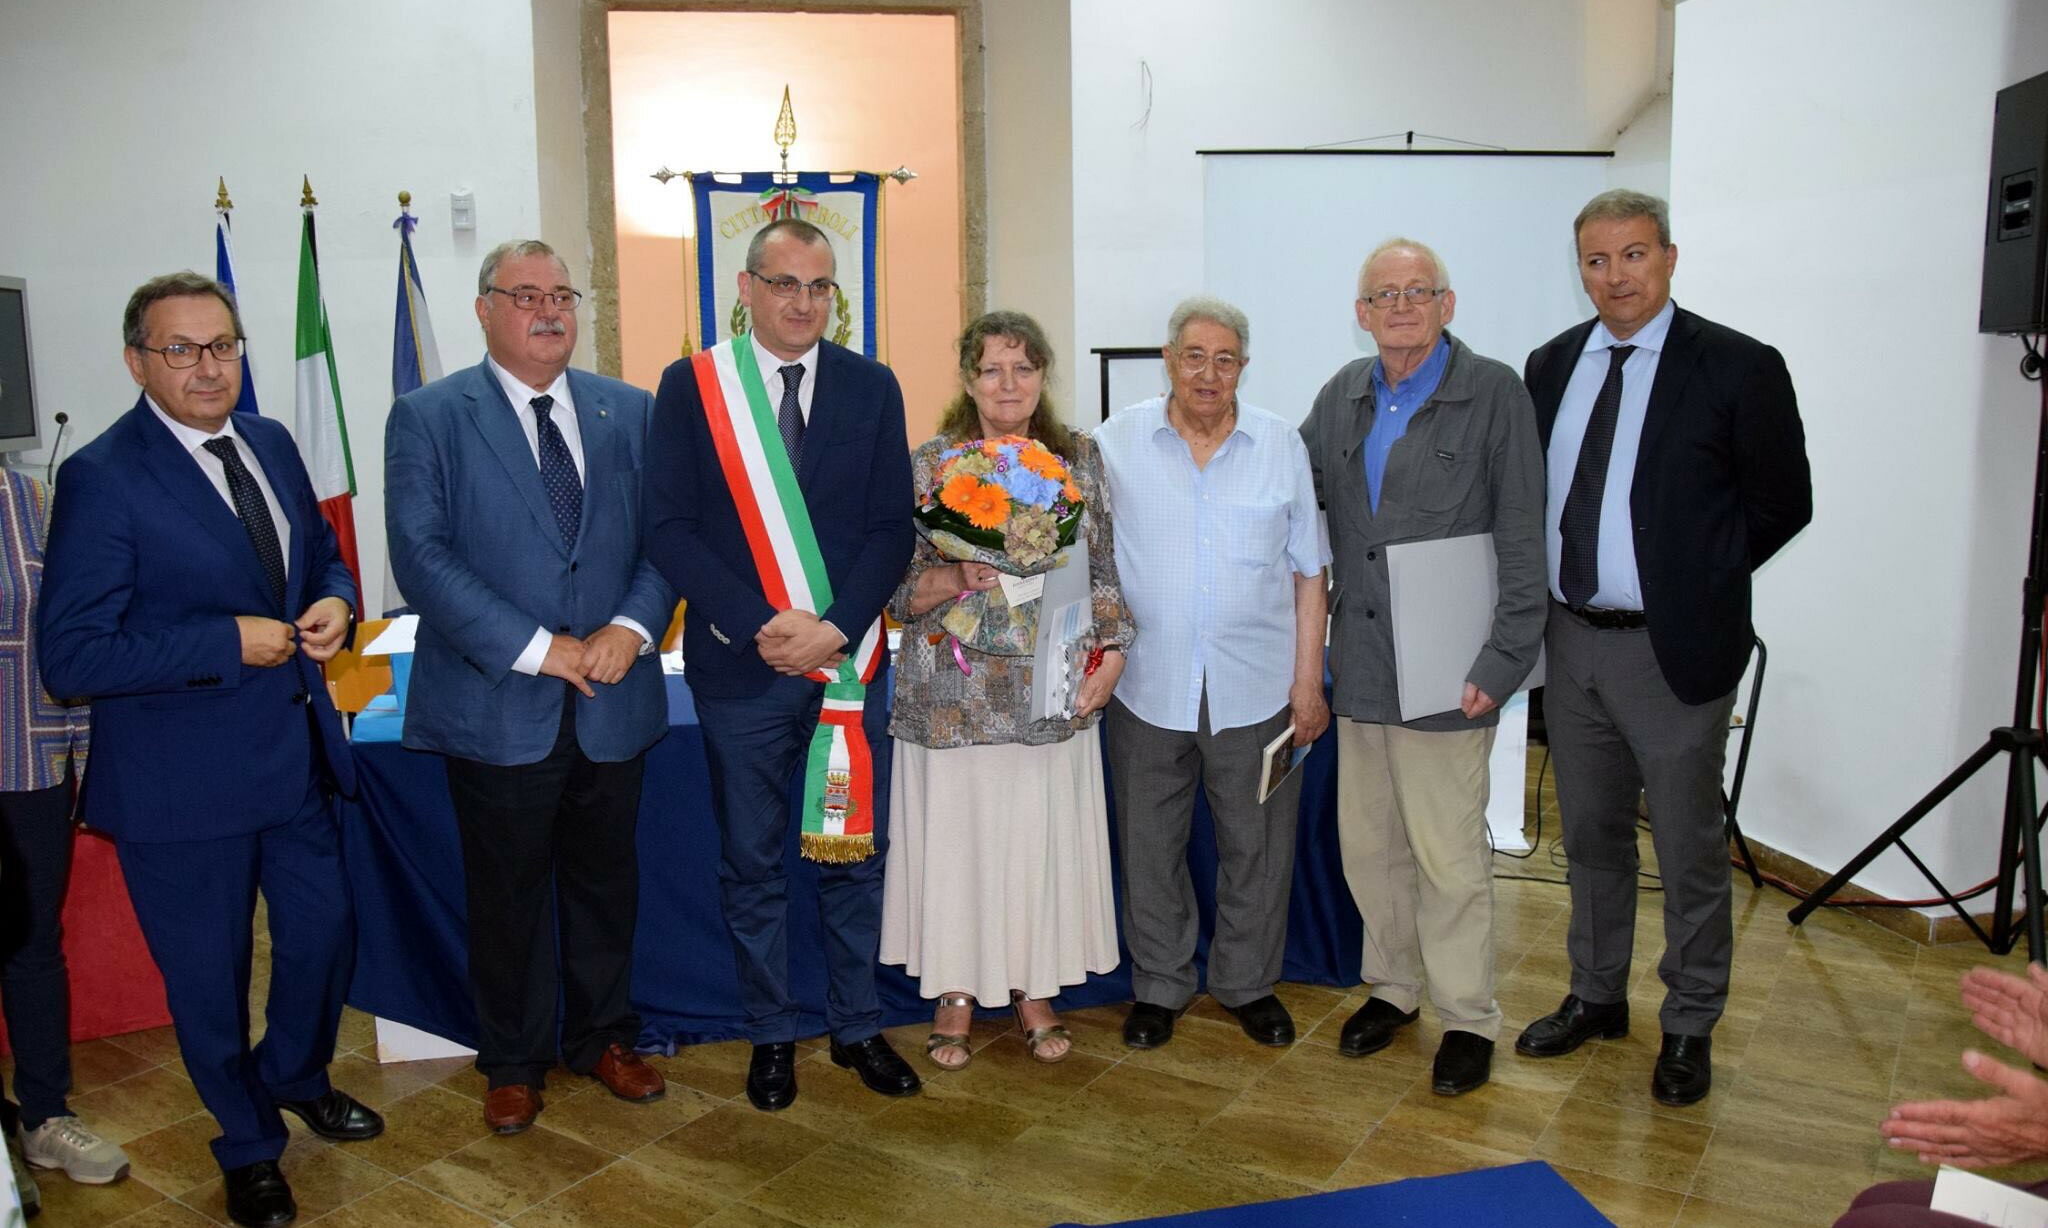 Onoraria - Manzo-Pindozzi-Cariello- Annie Schnapp Gourbellion-Somma-Alain Schnapp-Vecchio